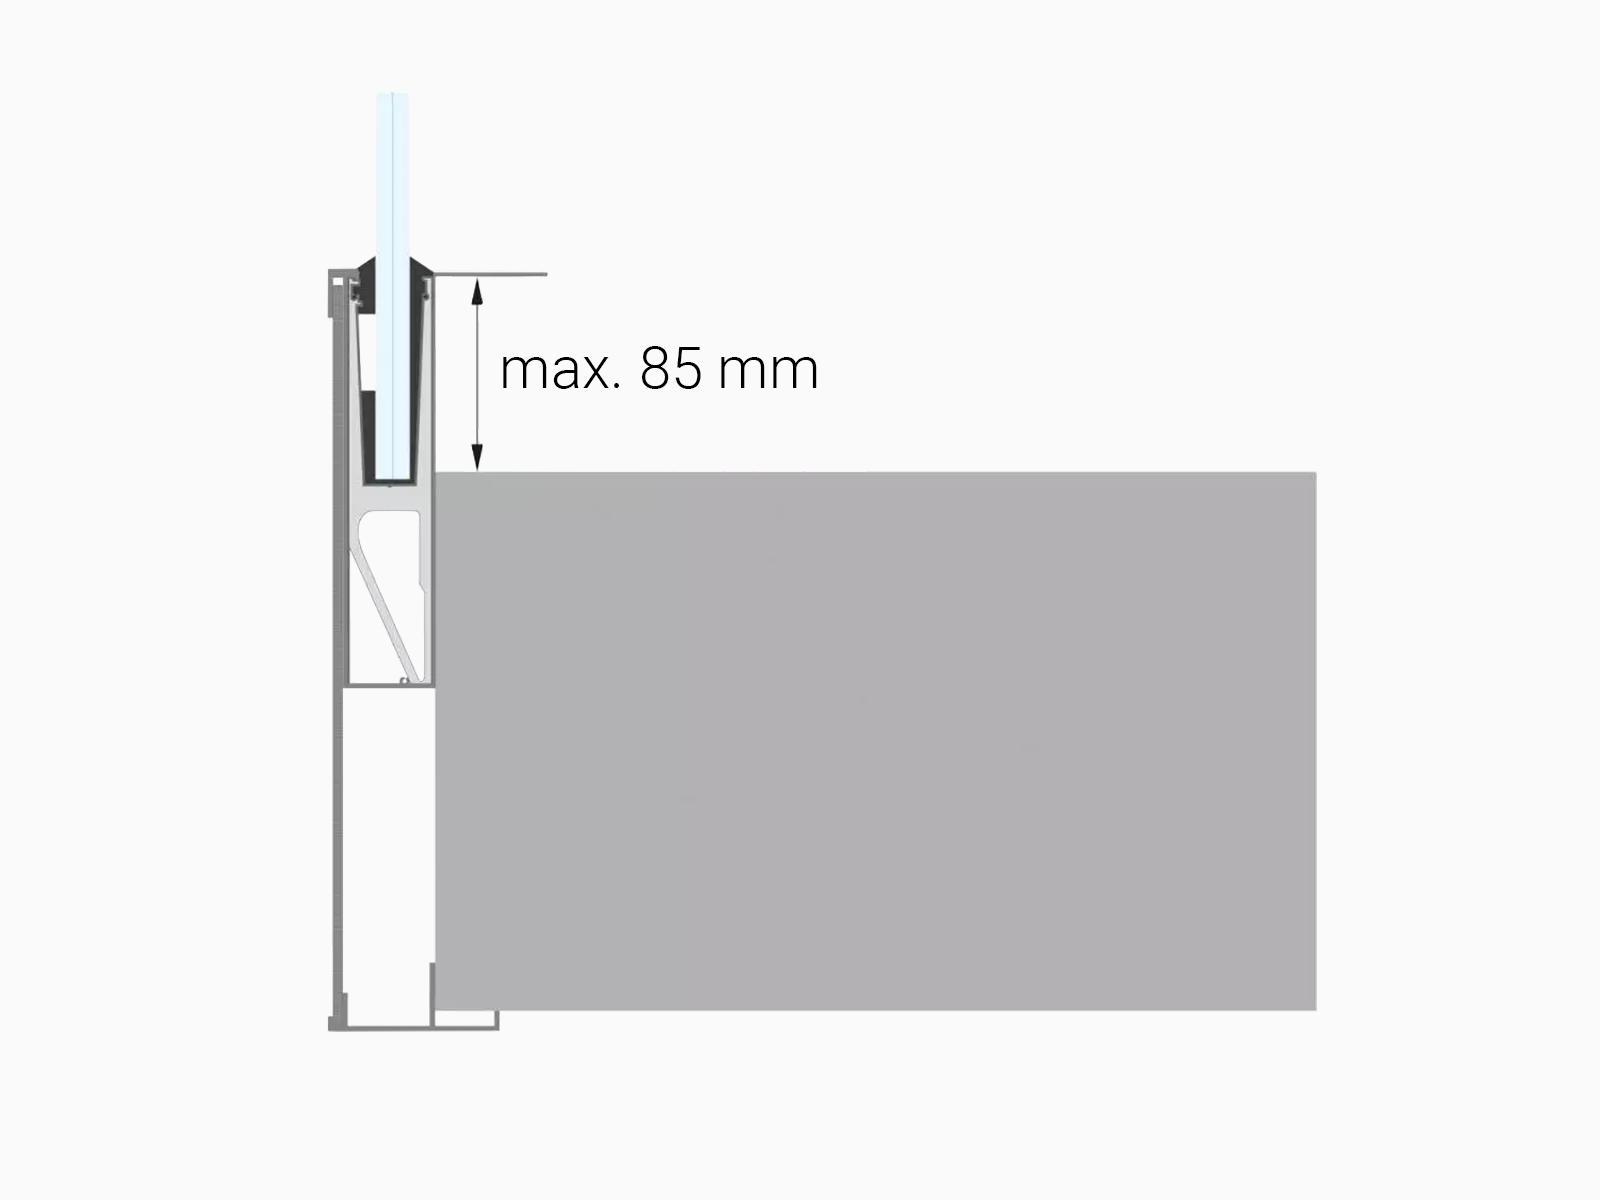 glasgelaender-baldosa-mit- flexibler-verblendung